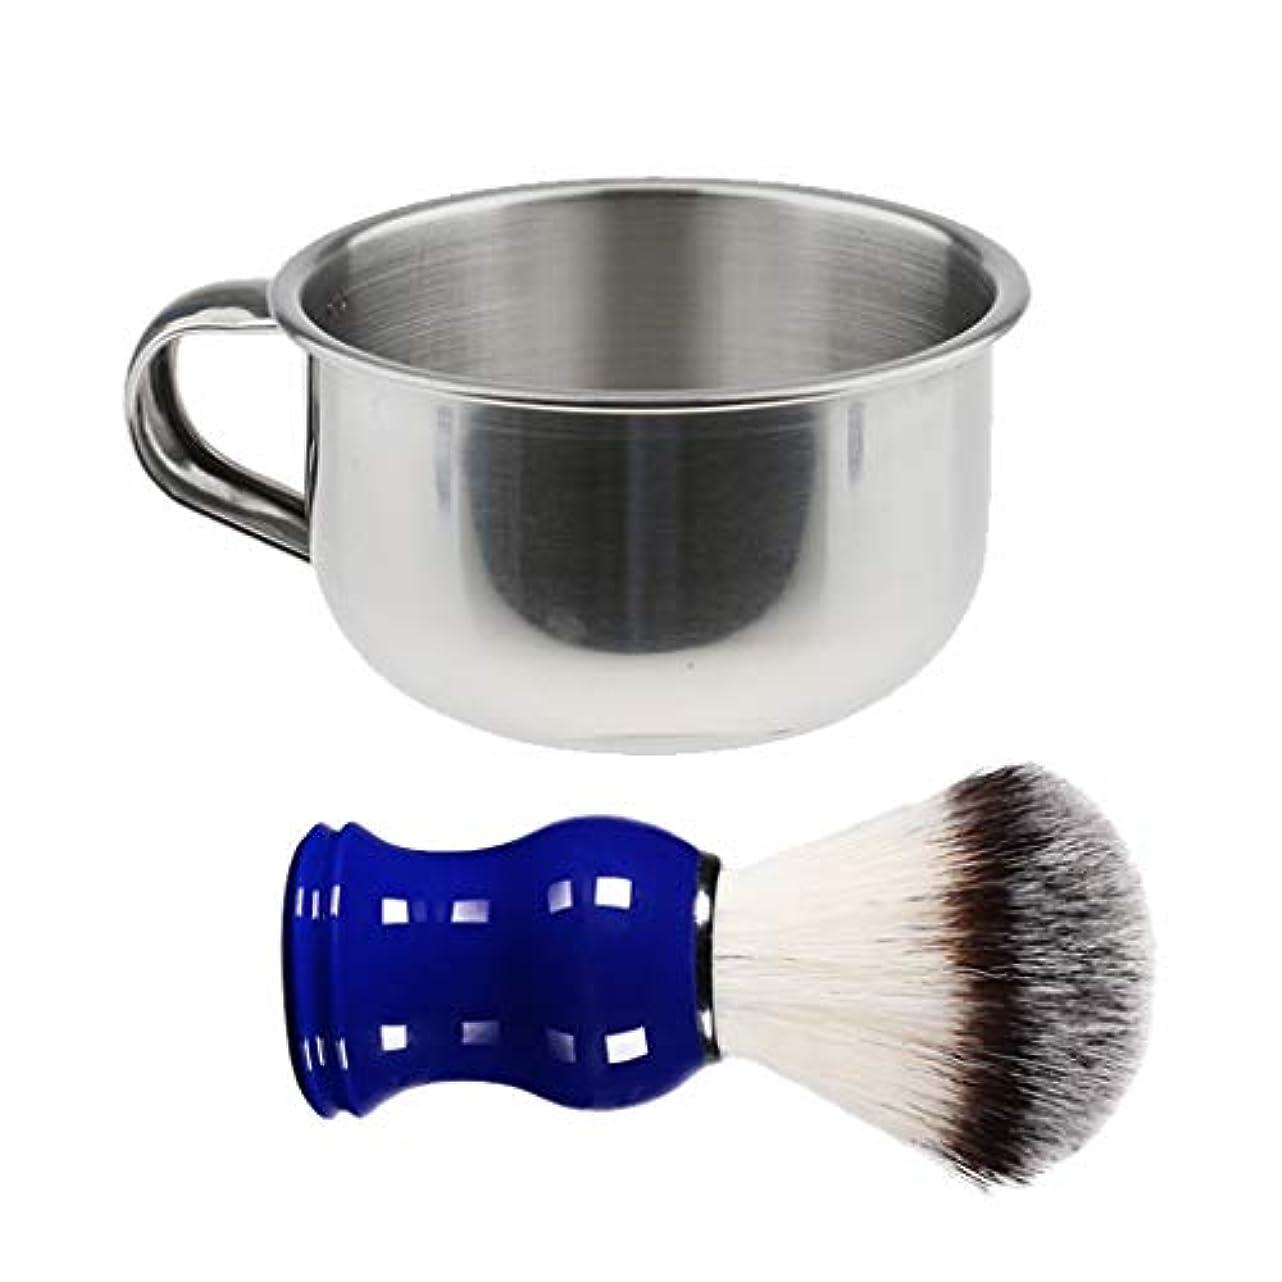 ワイヤージャンルコンピューターゲームをプレイするシェービングボウル ステンレス製 シェービング用ブラシ 理容 洗顔 髭剃り メンズ アクセサリー